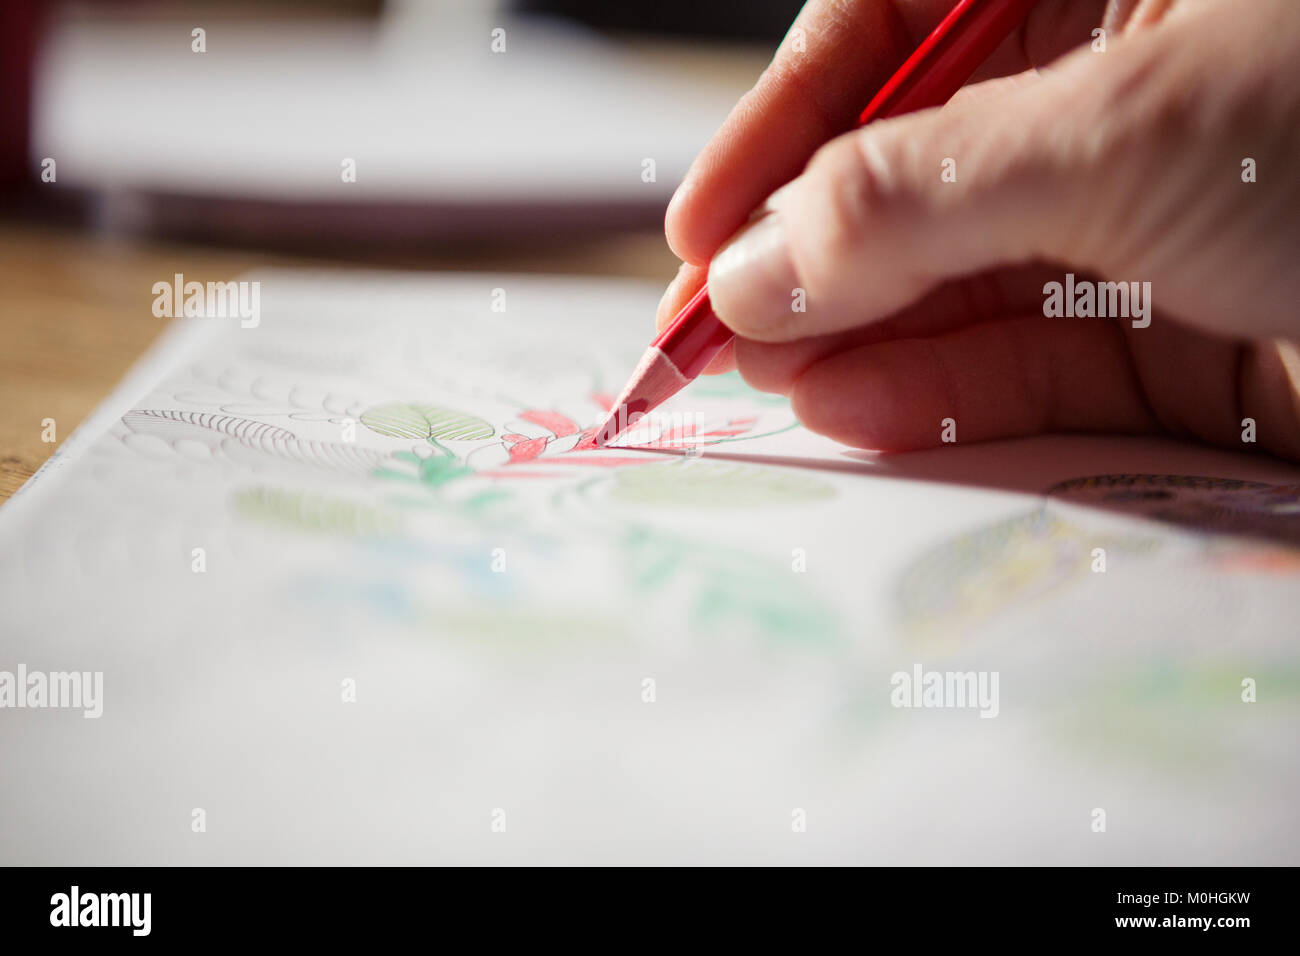 Des profils à l'aide de crayon dans un livre de coloriage adultes Photo Stock